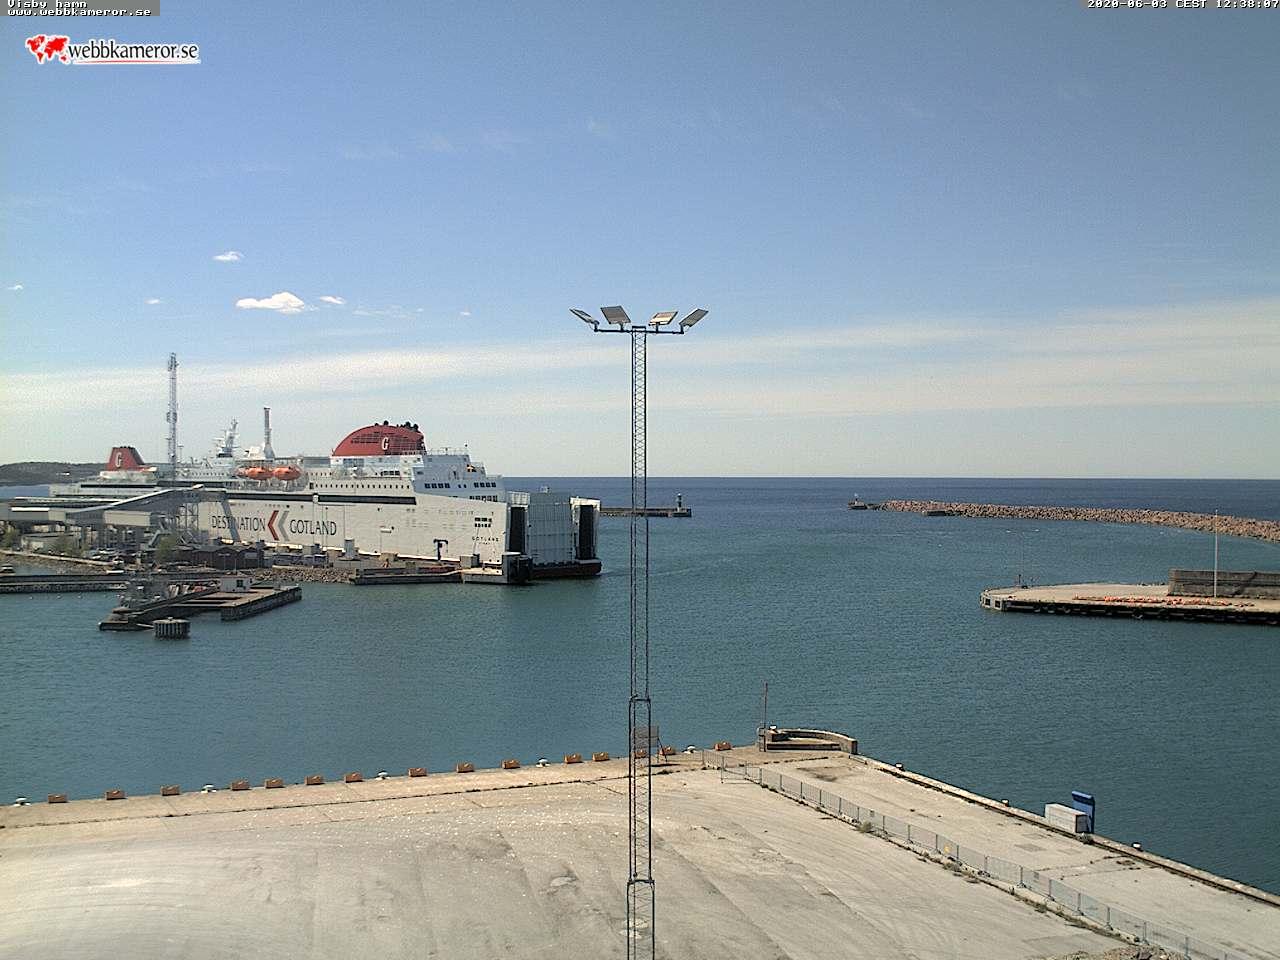 Webbkamera - Visby hamn, färjeterminalen, yttre hamnen, hamn inloppet